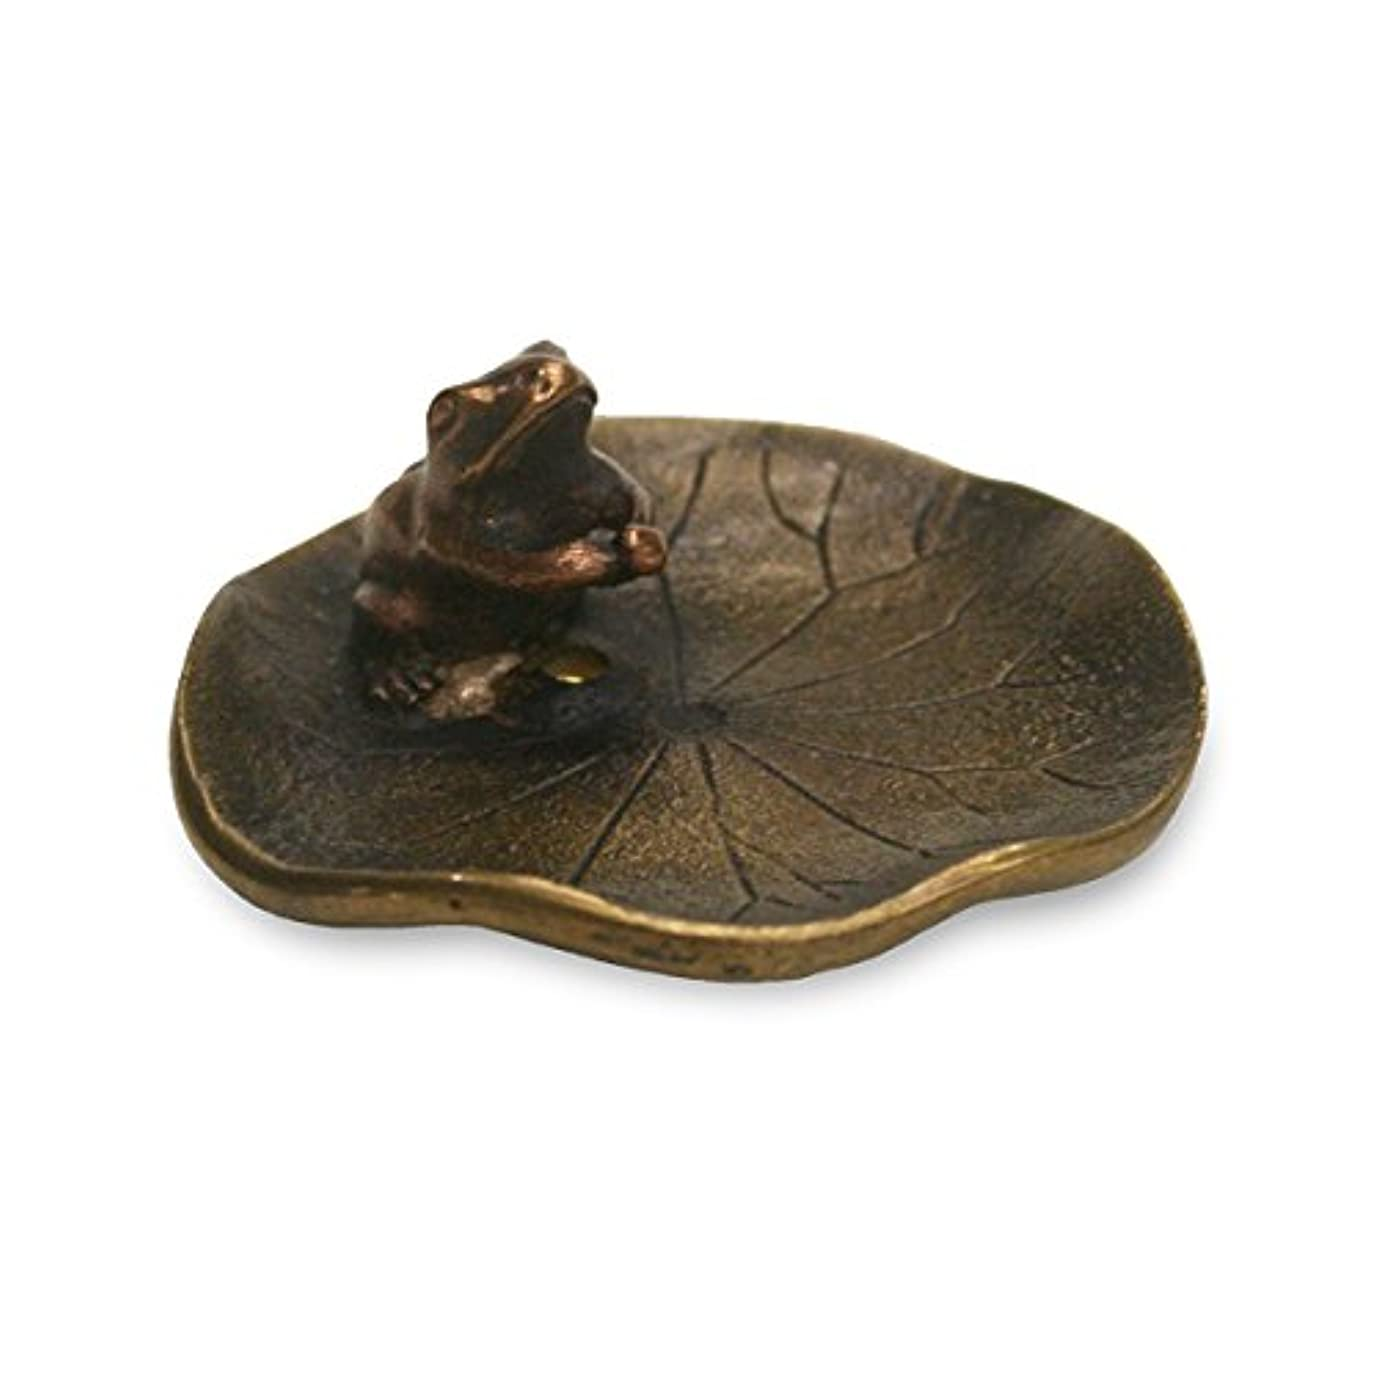 受け入れるクラウド成長香立?香皿 蓮に蛙 香立て 小 銅製